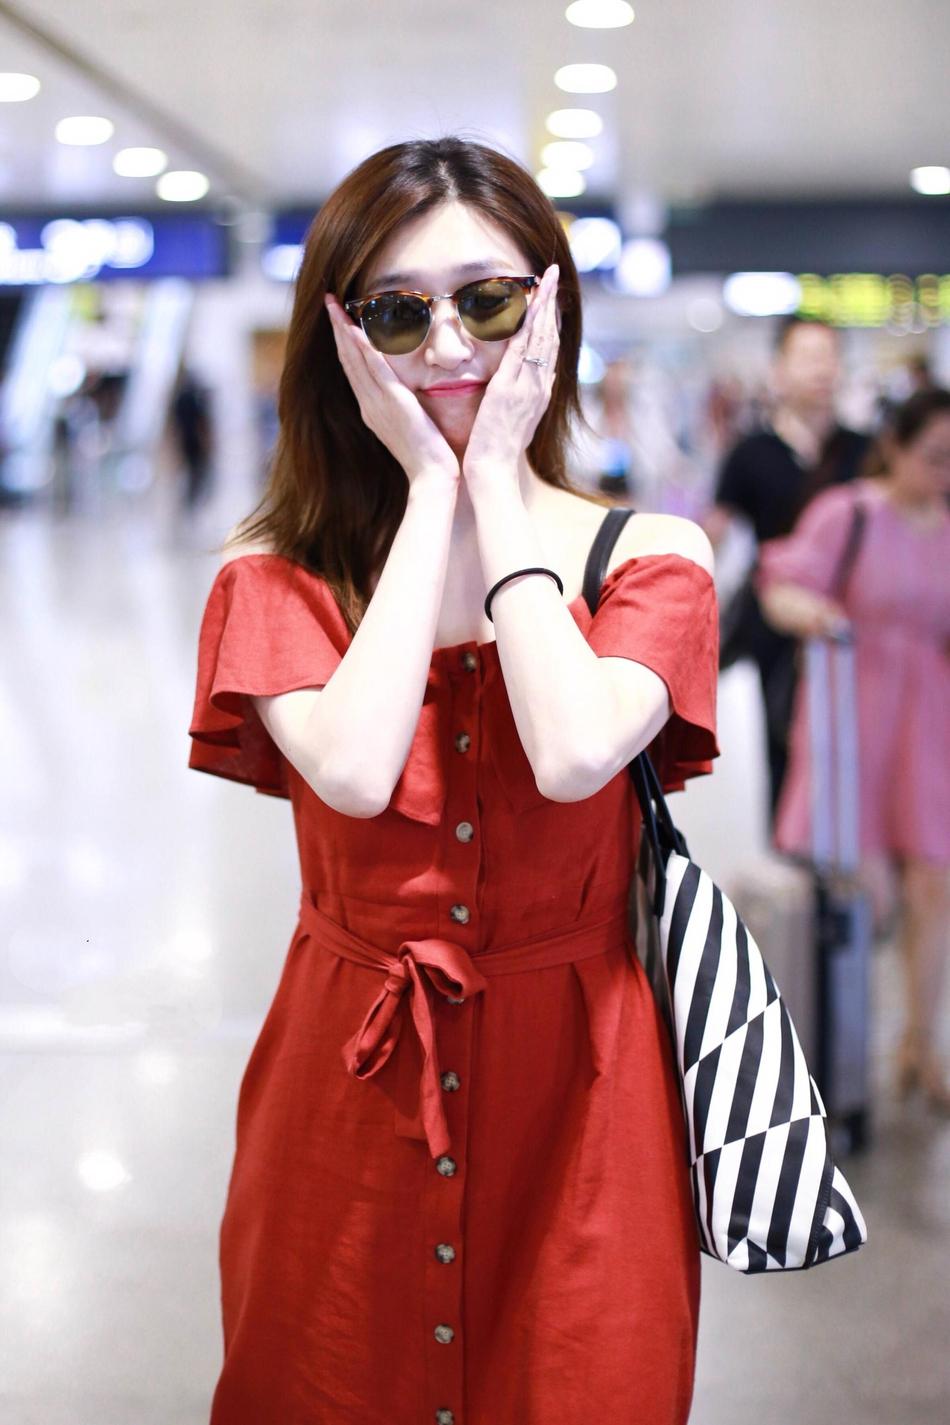 江疏影穿红色连衣裙小秀精致锁骨 对镜甜笑左手戒指抢镜